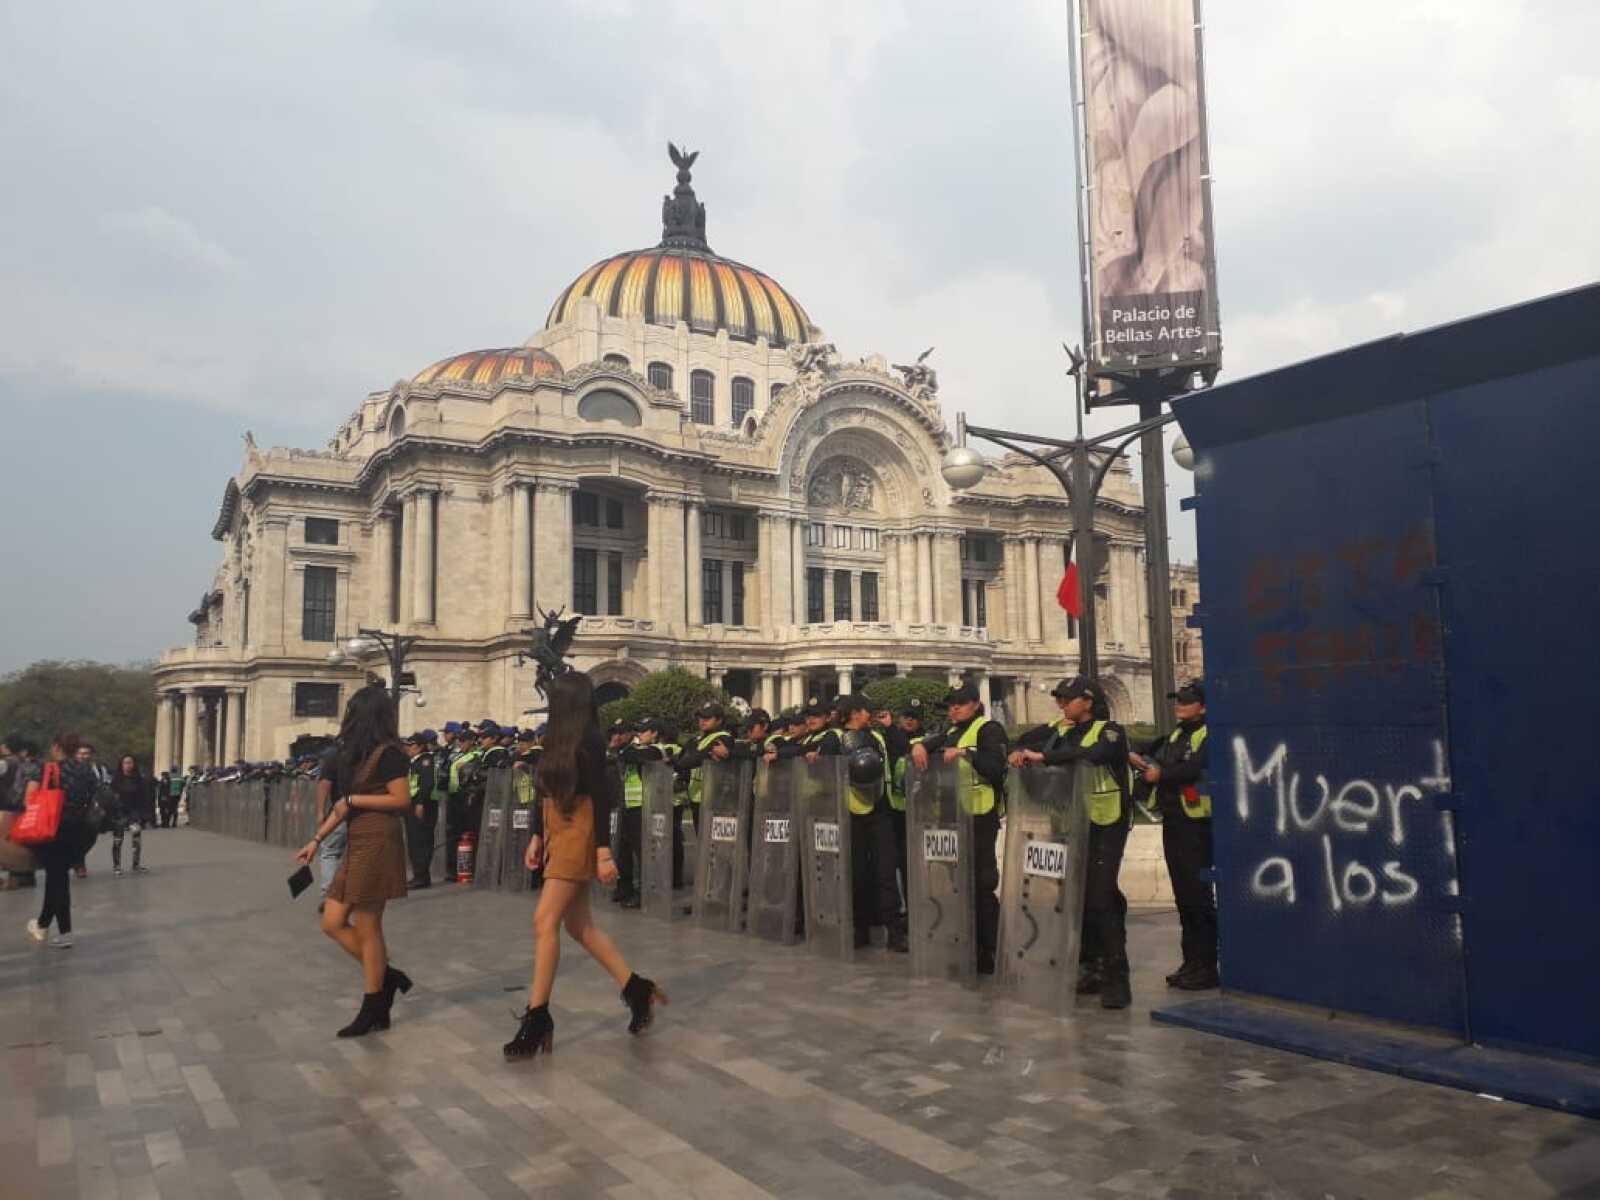 Protesta en Bellas Artes